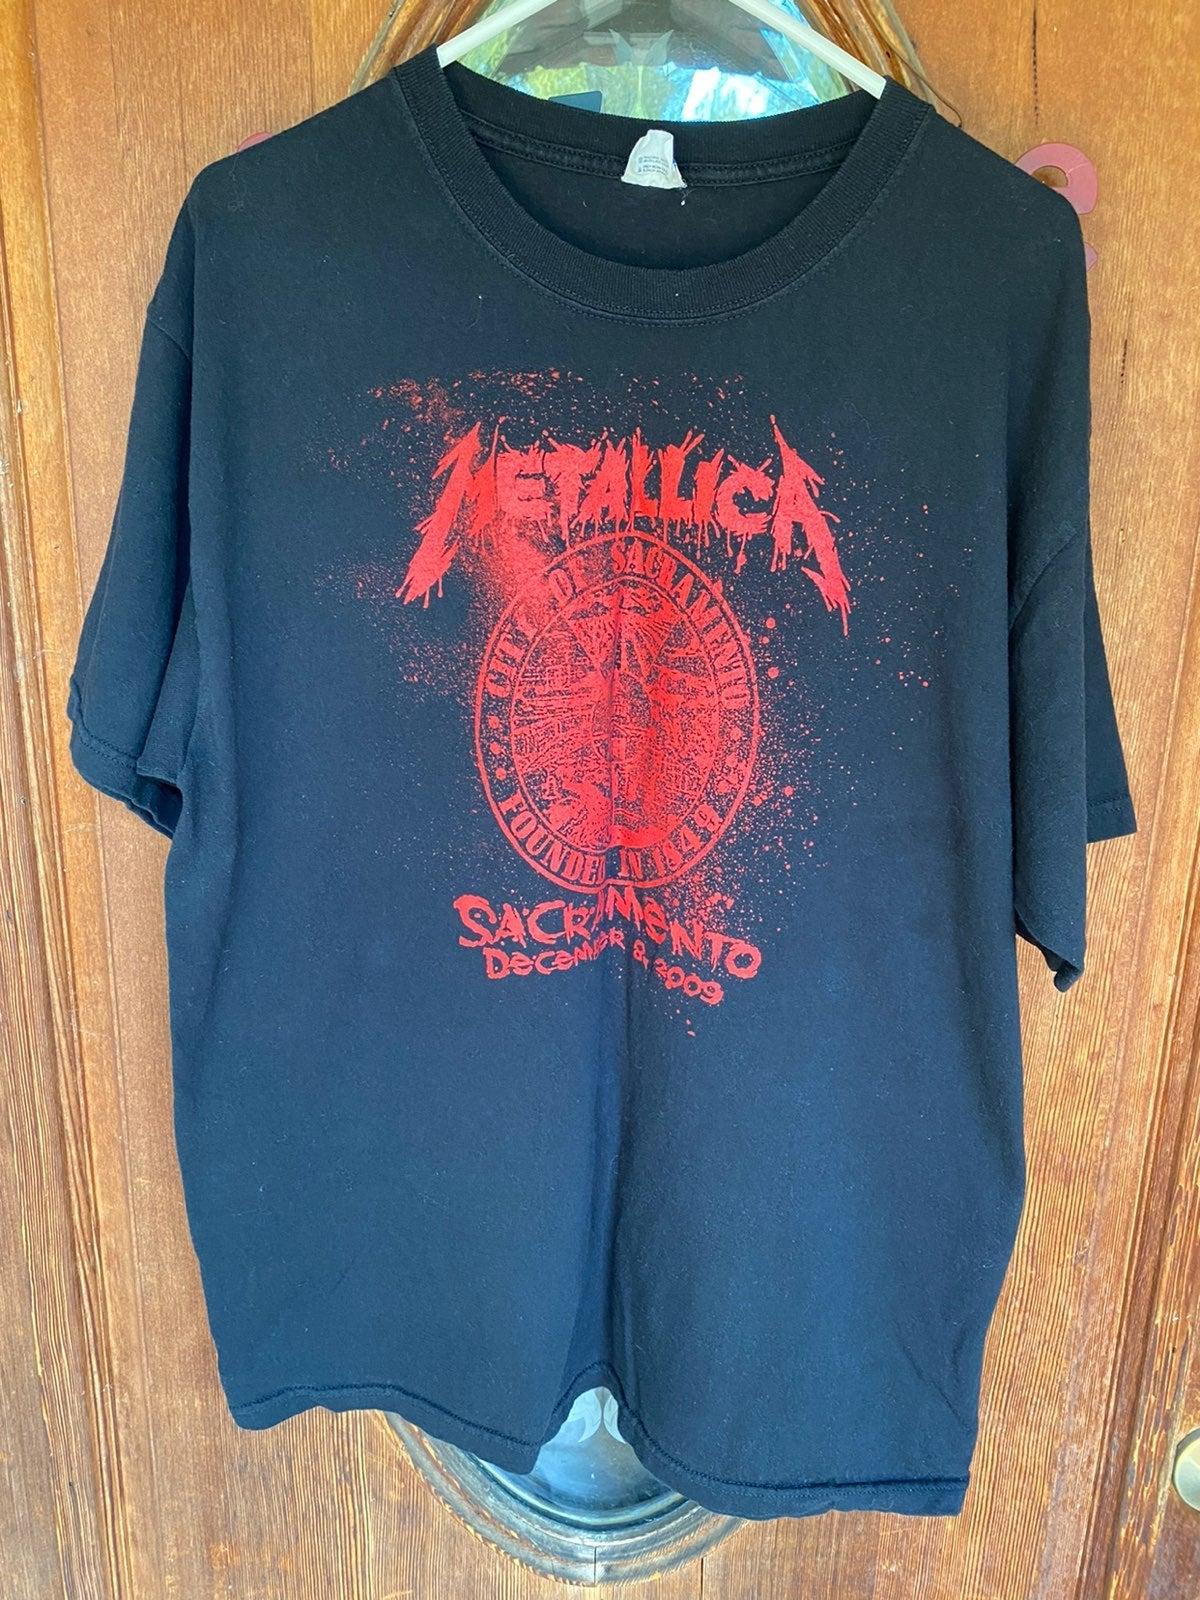 2009 Metallica Concert T-Shirt